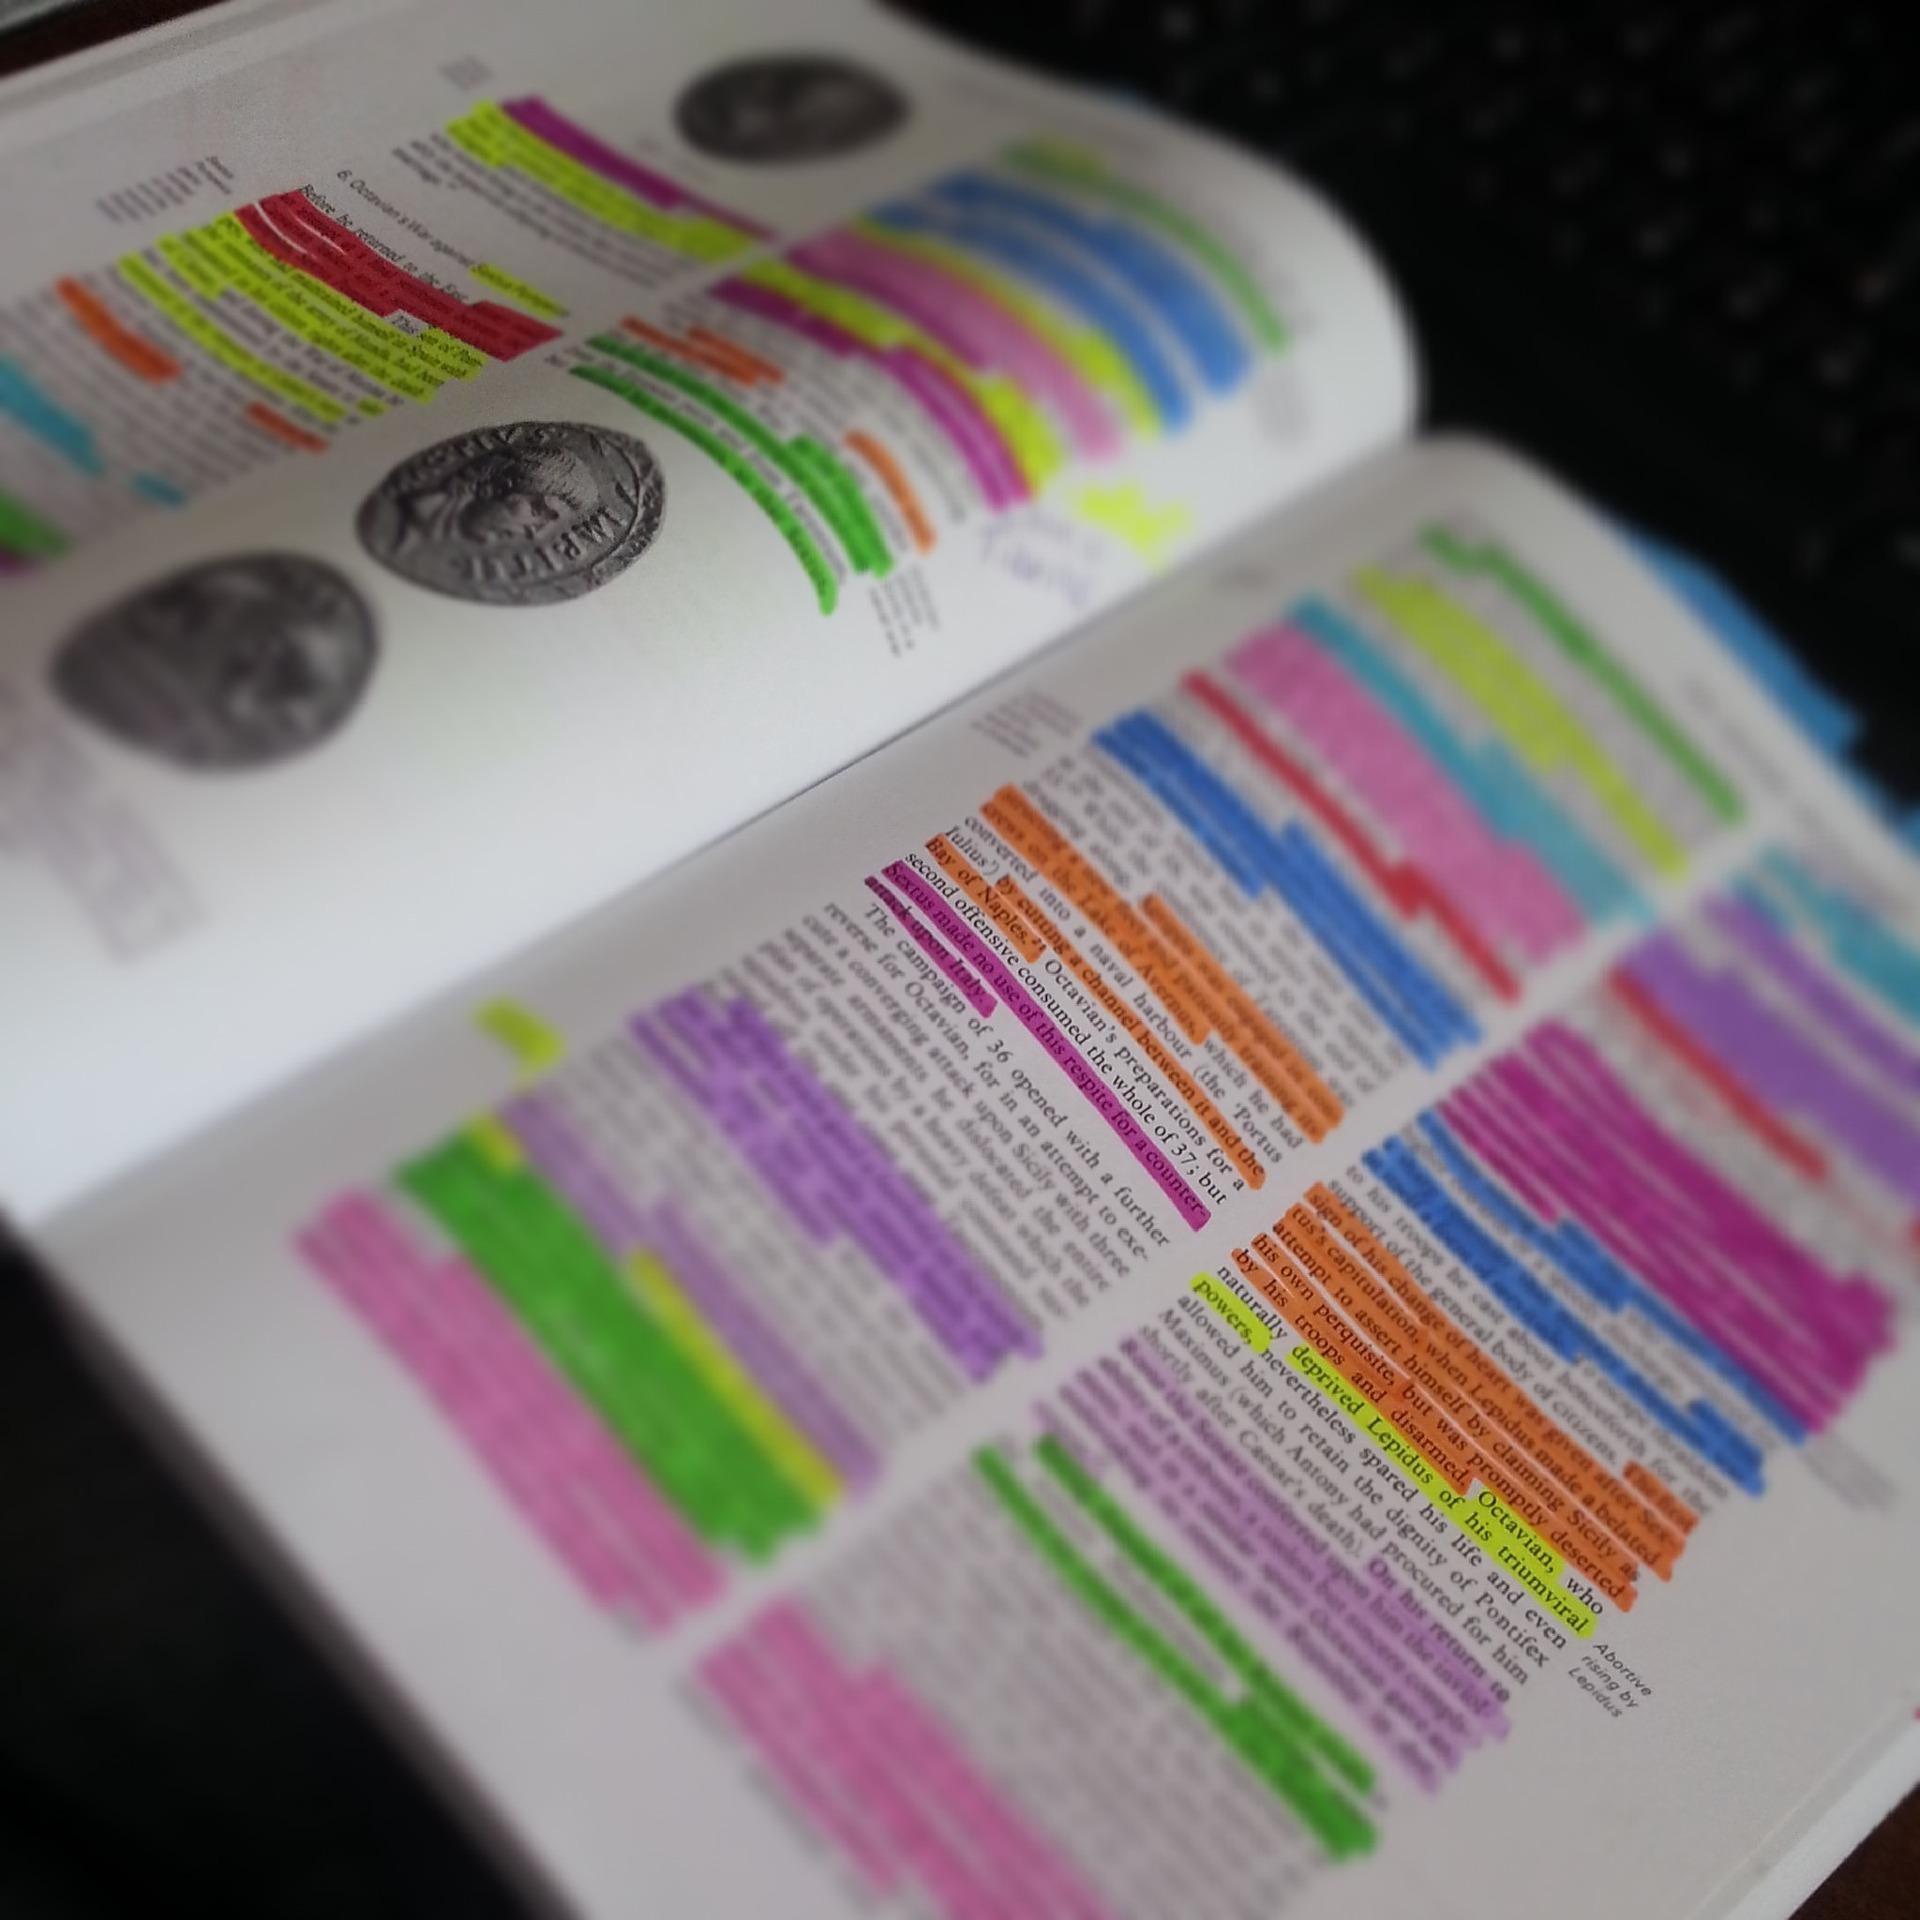 book-845280_1920.jpg